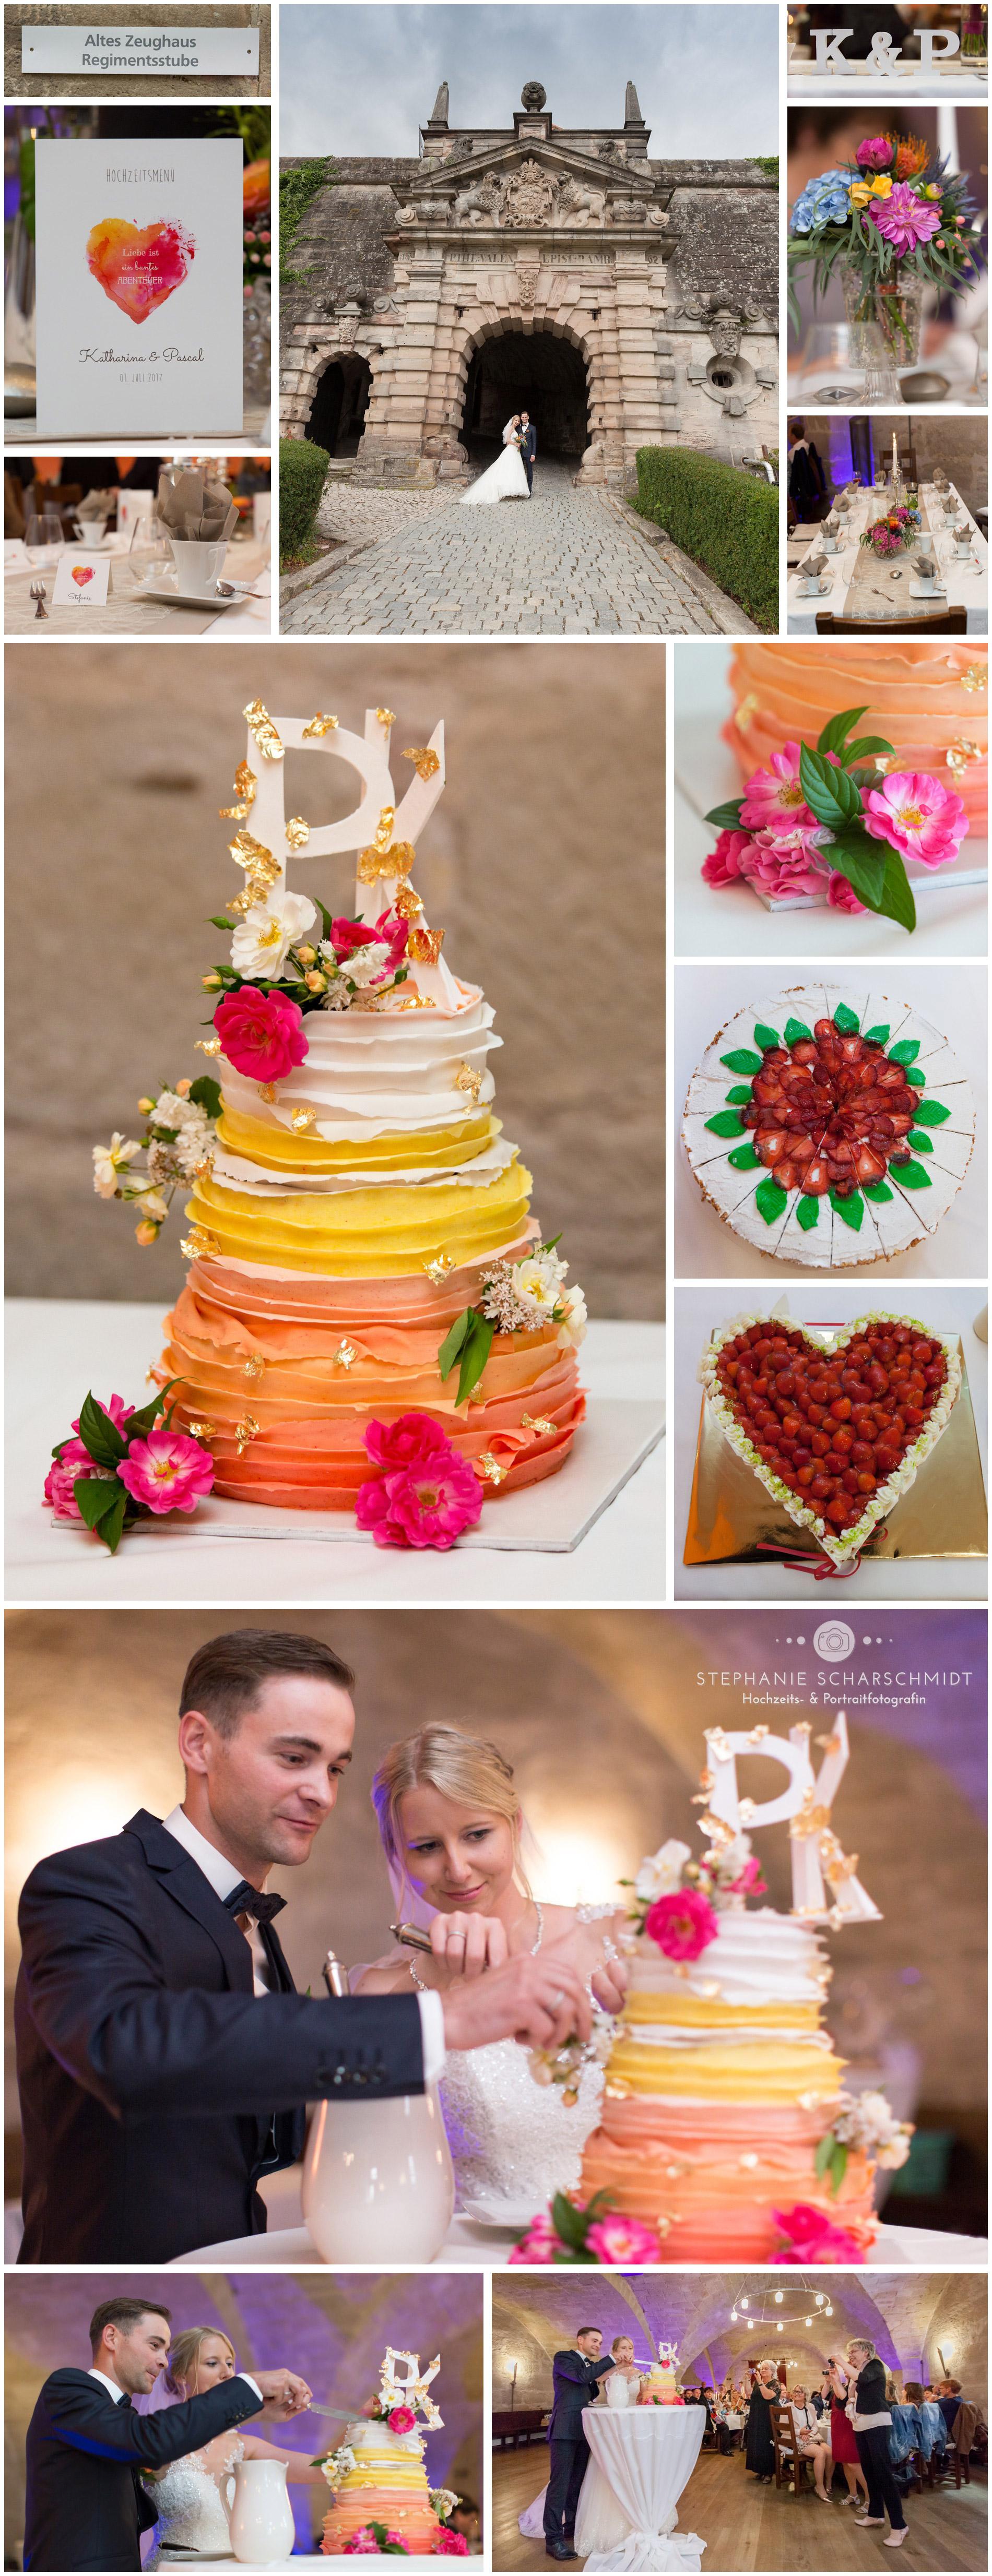 13.Hochzeit Oberfranken - Hochzeits- und Portraitfotografin Stephanie Scharschmidt